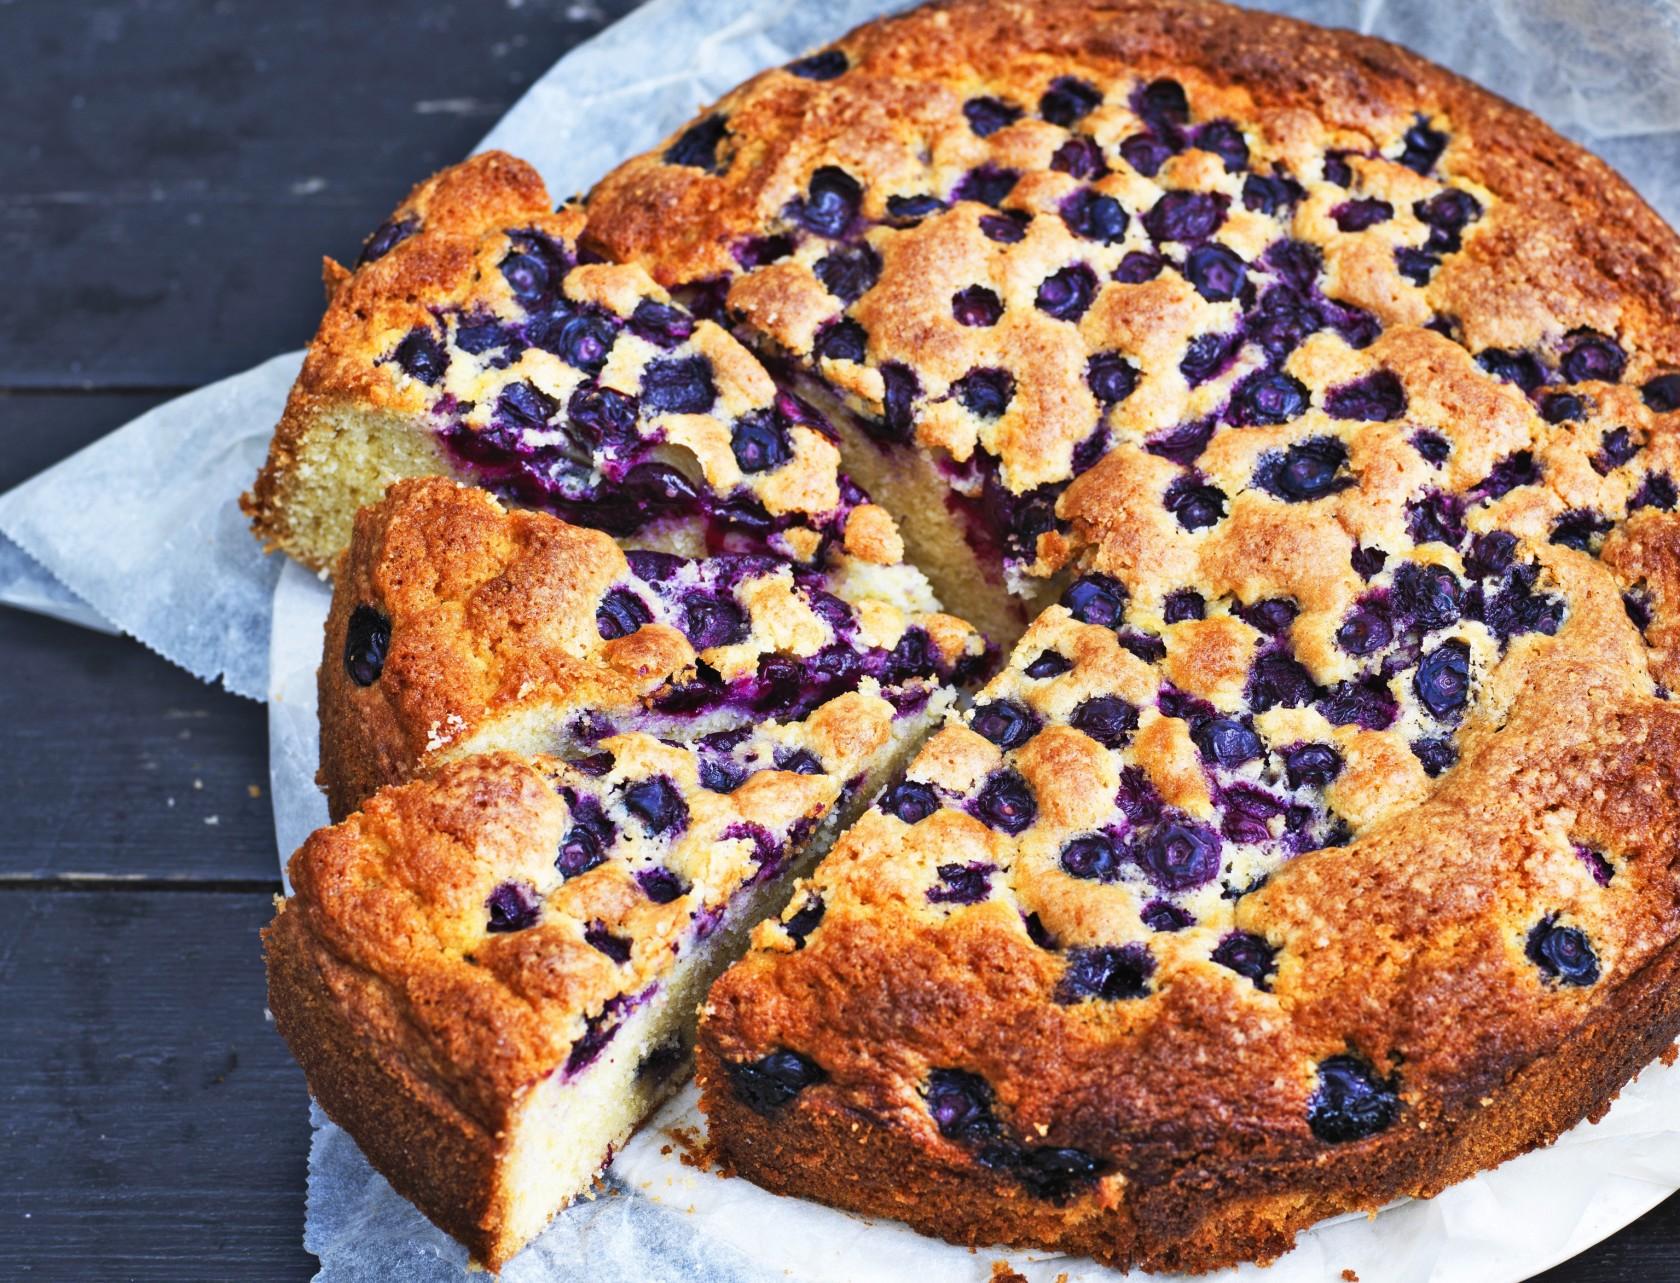 Pundkage - verdens nemmeste kage